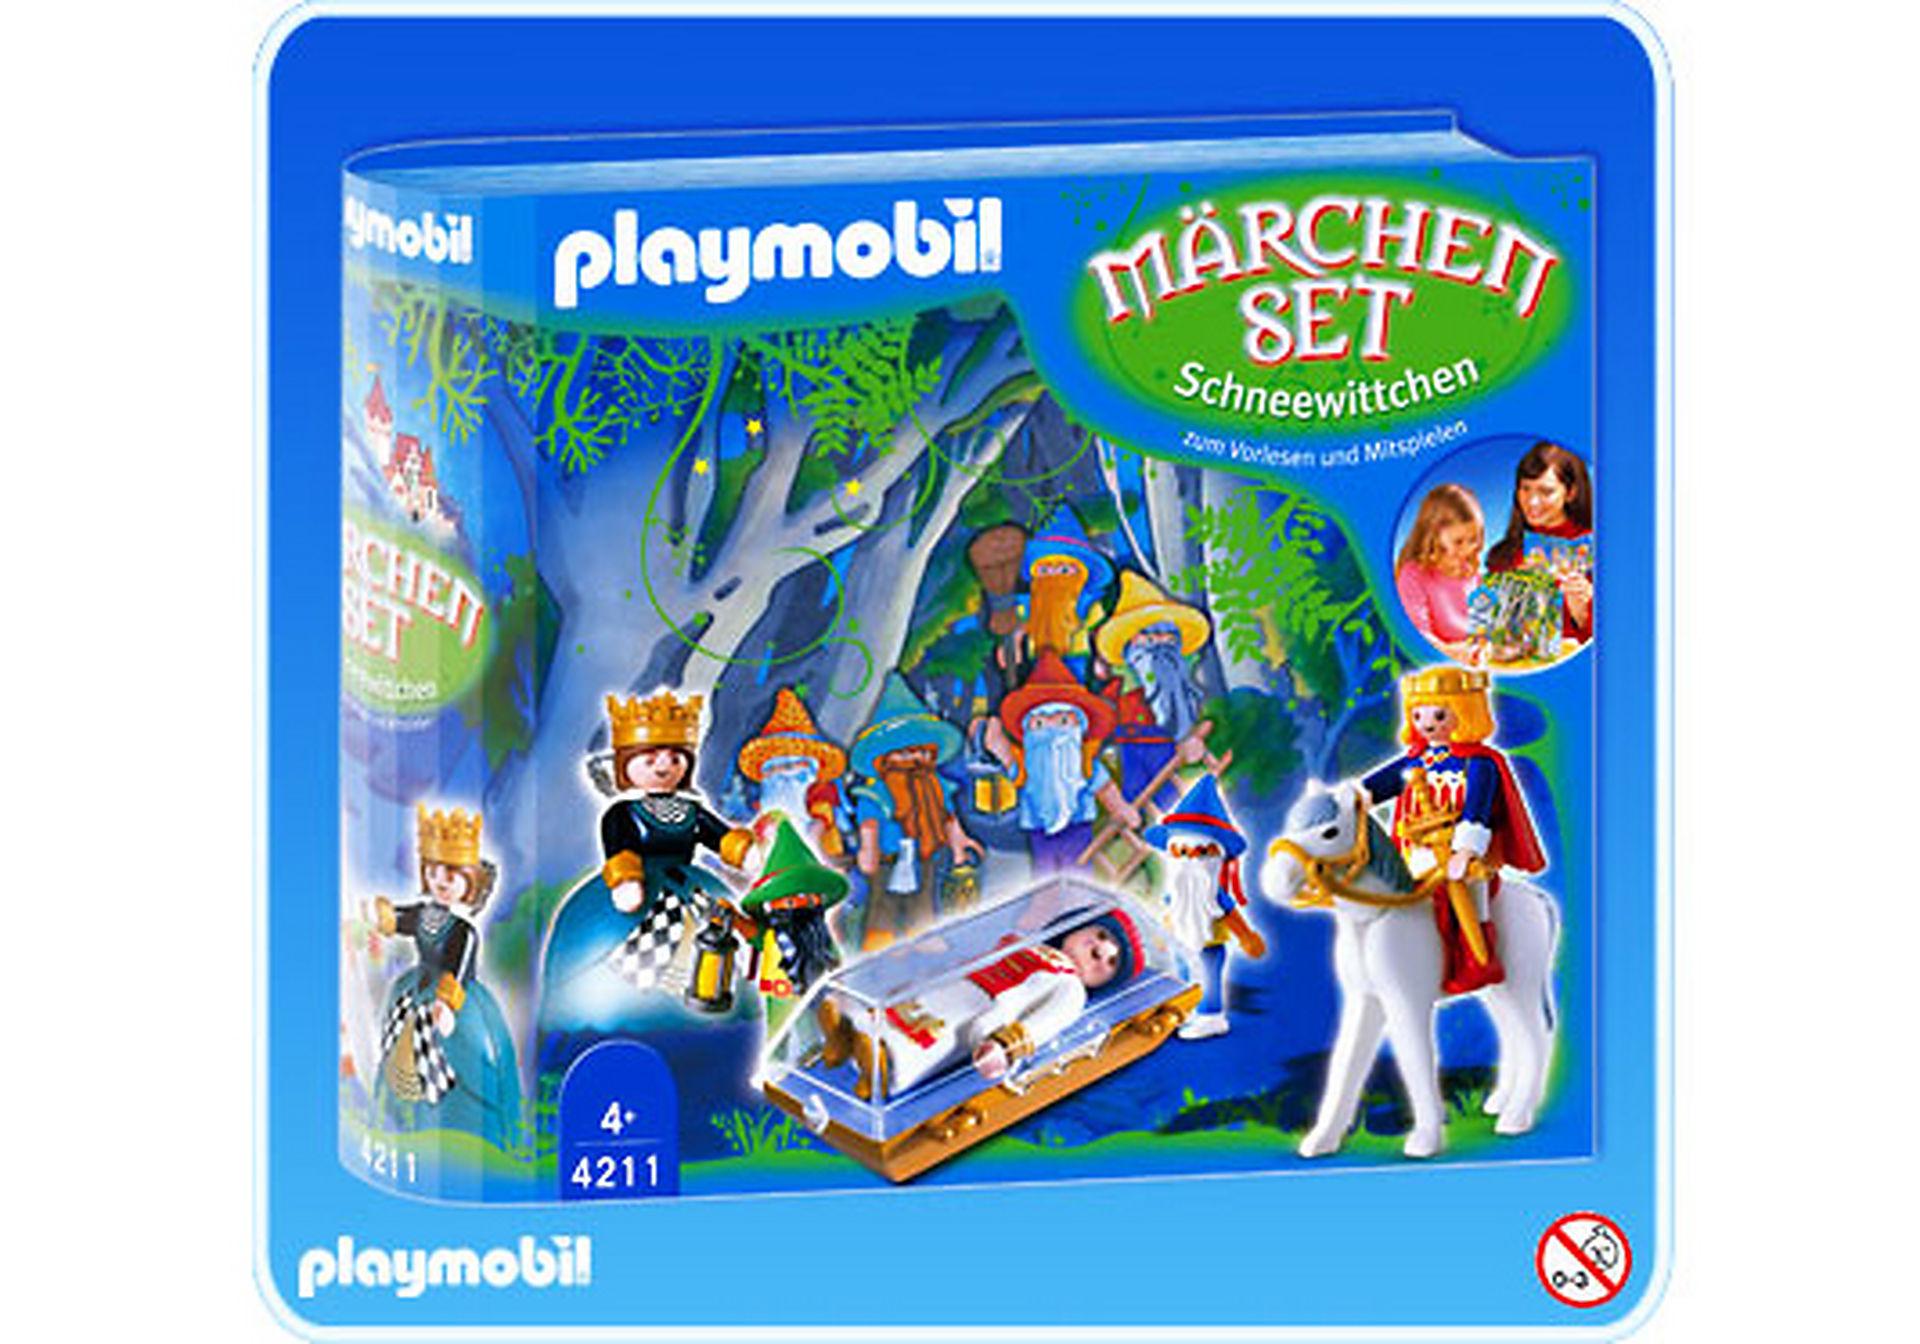 4211-A MärchenSet - Schneewittchen zoom image1